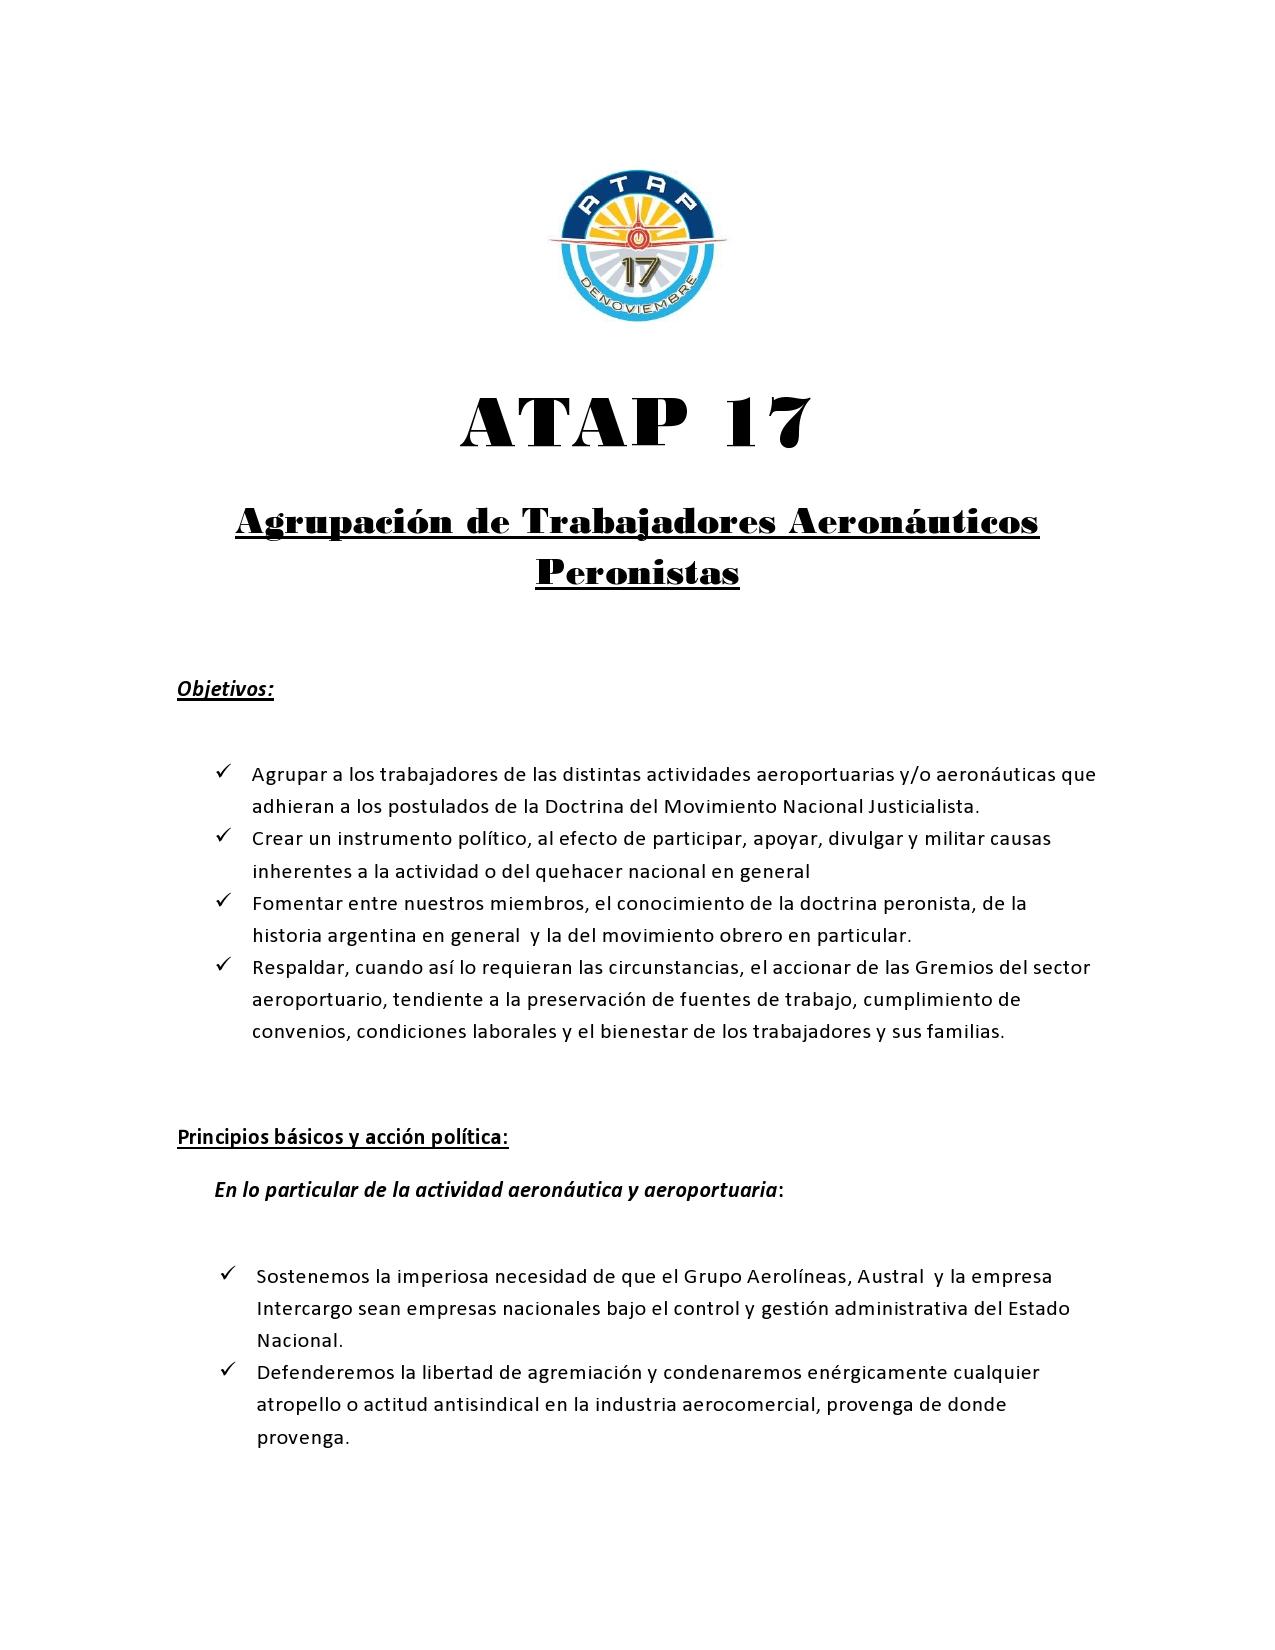 Objetivos ATAP 17 (1) (1)-page0001